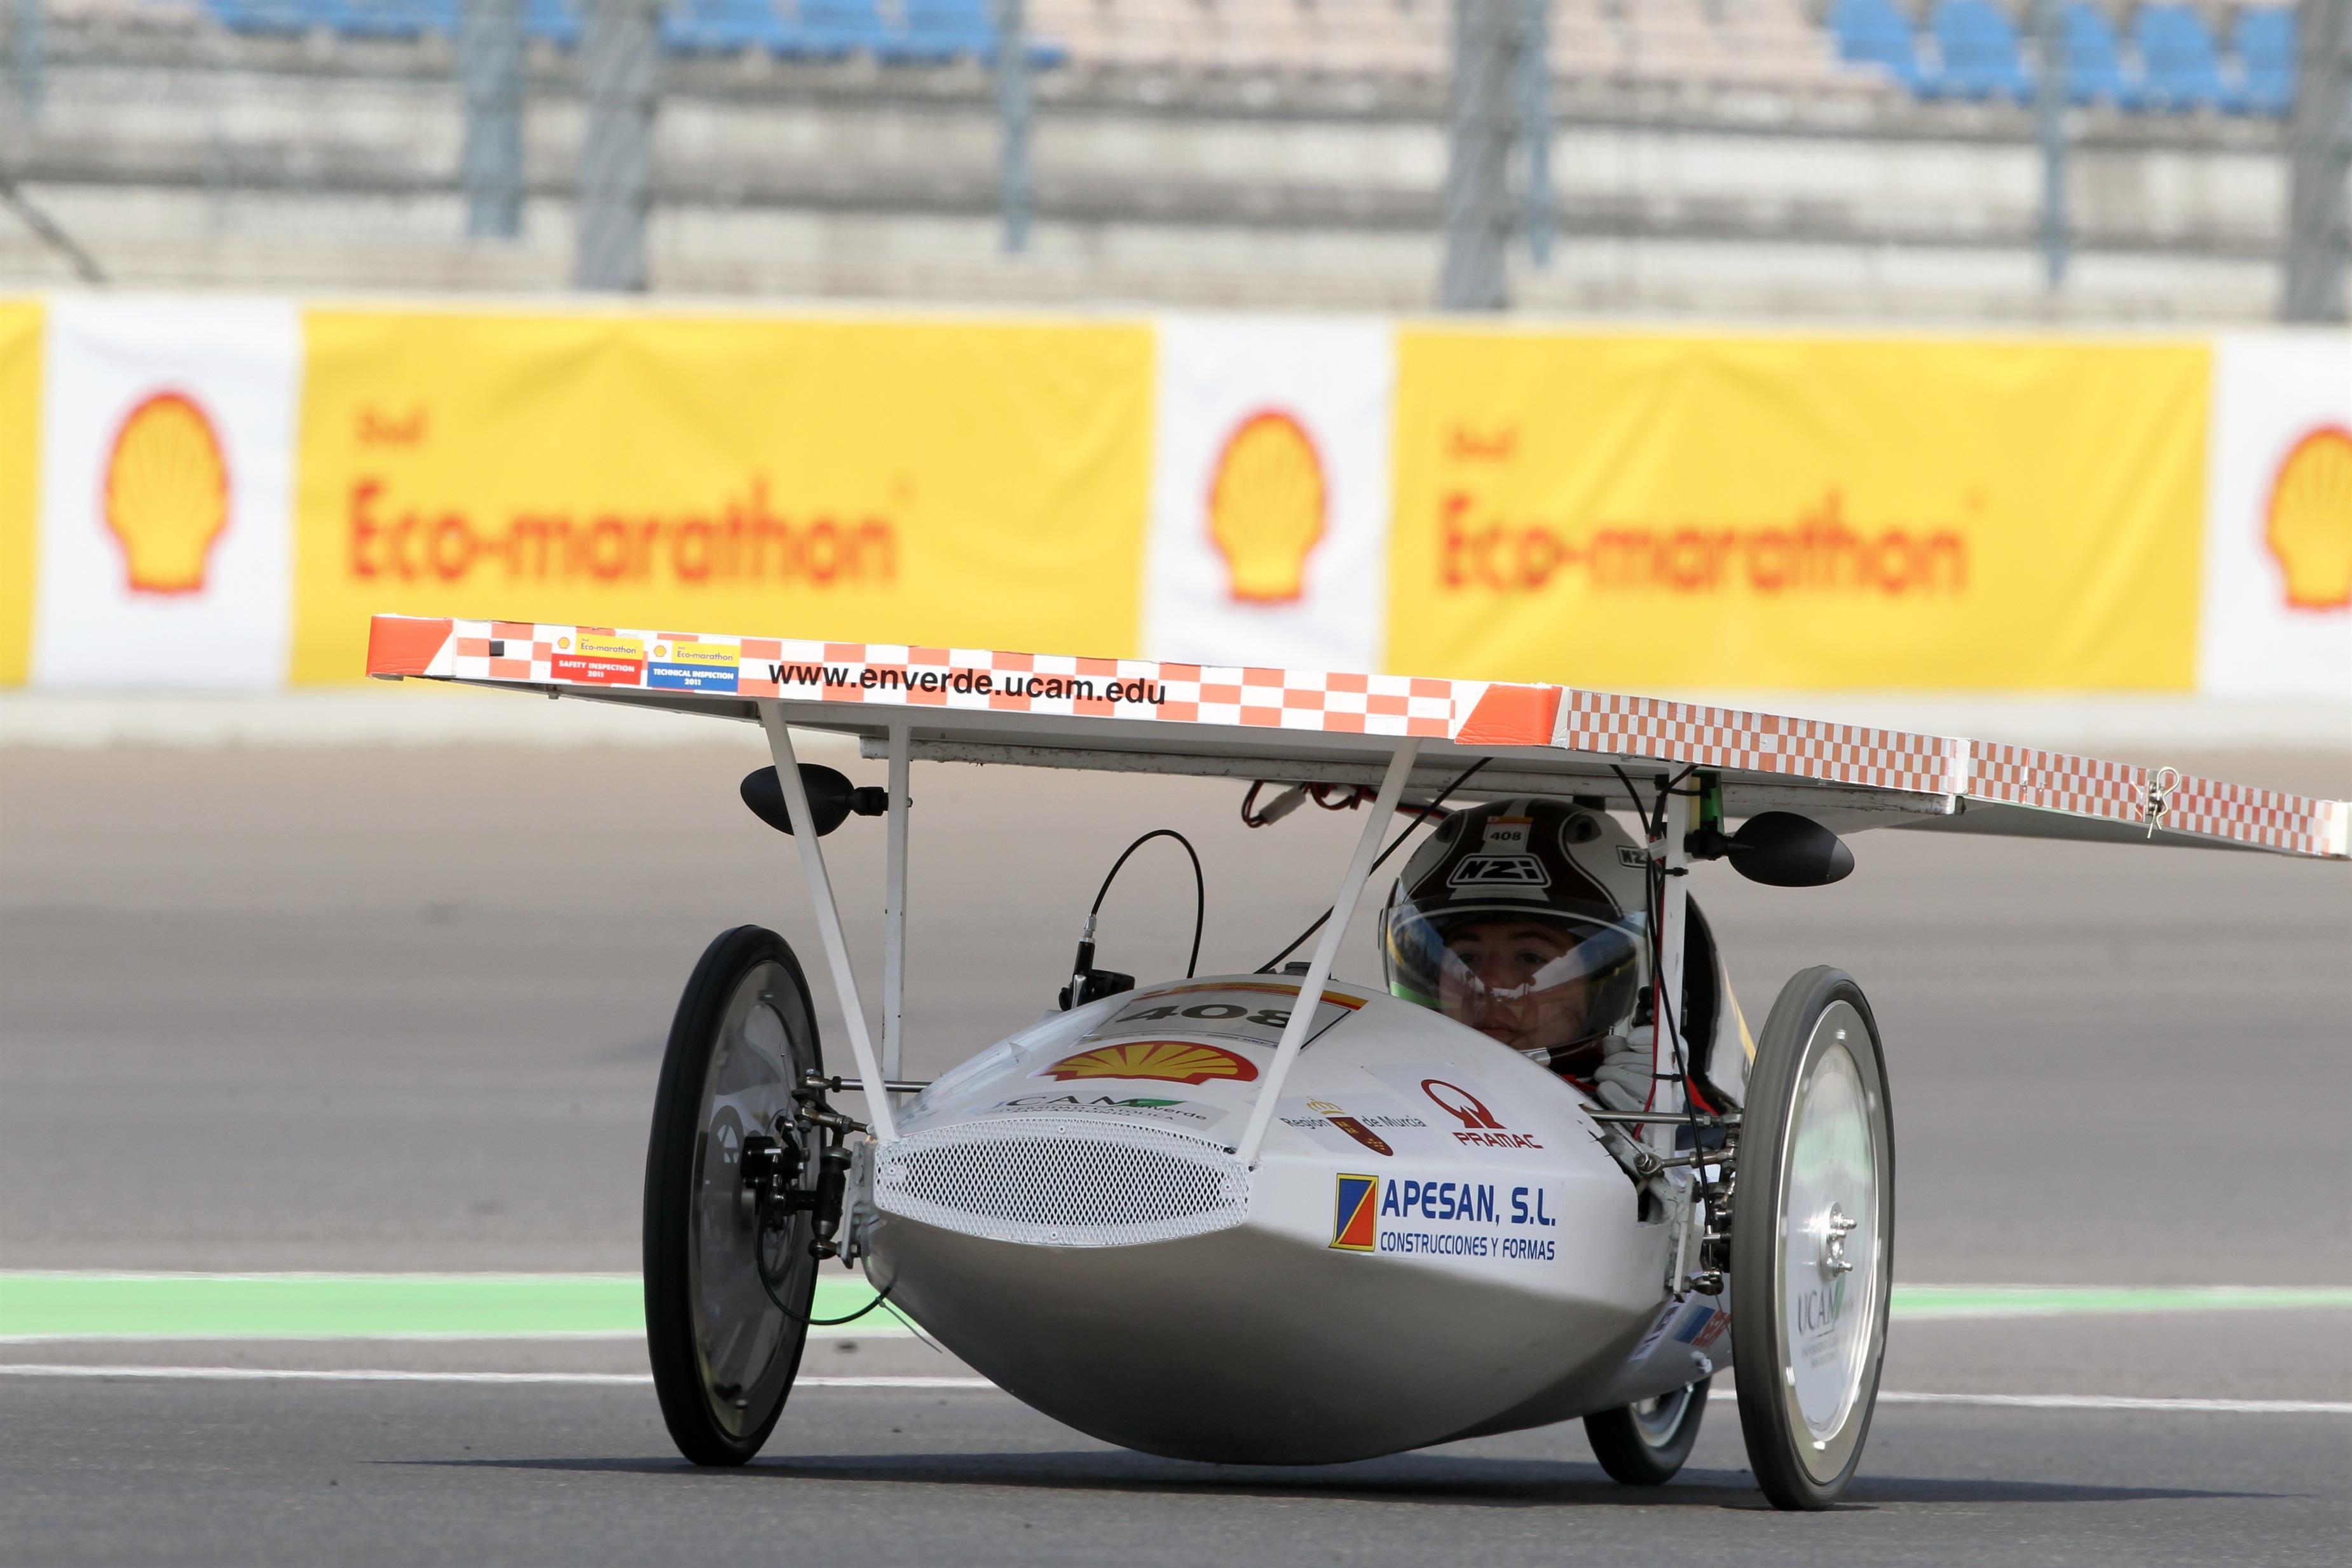 El coche del equipo ganador de la Shell Eco-marathon Europa podría ir de Rotterdam a Atenas con un litro de combustible